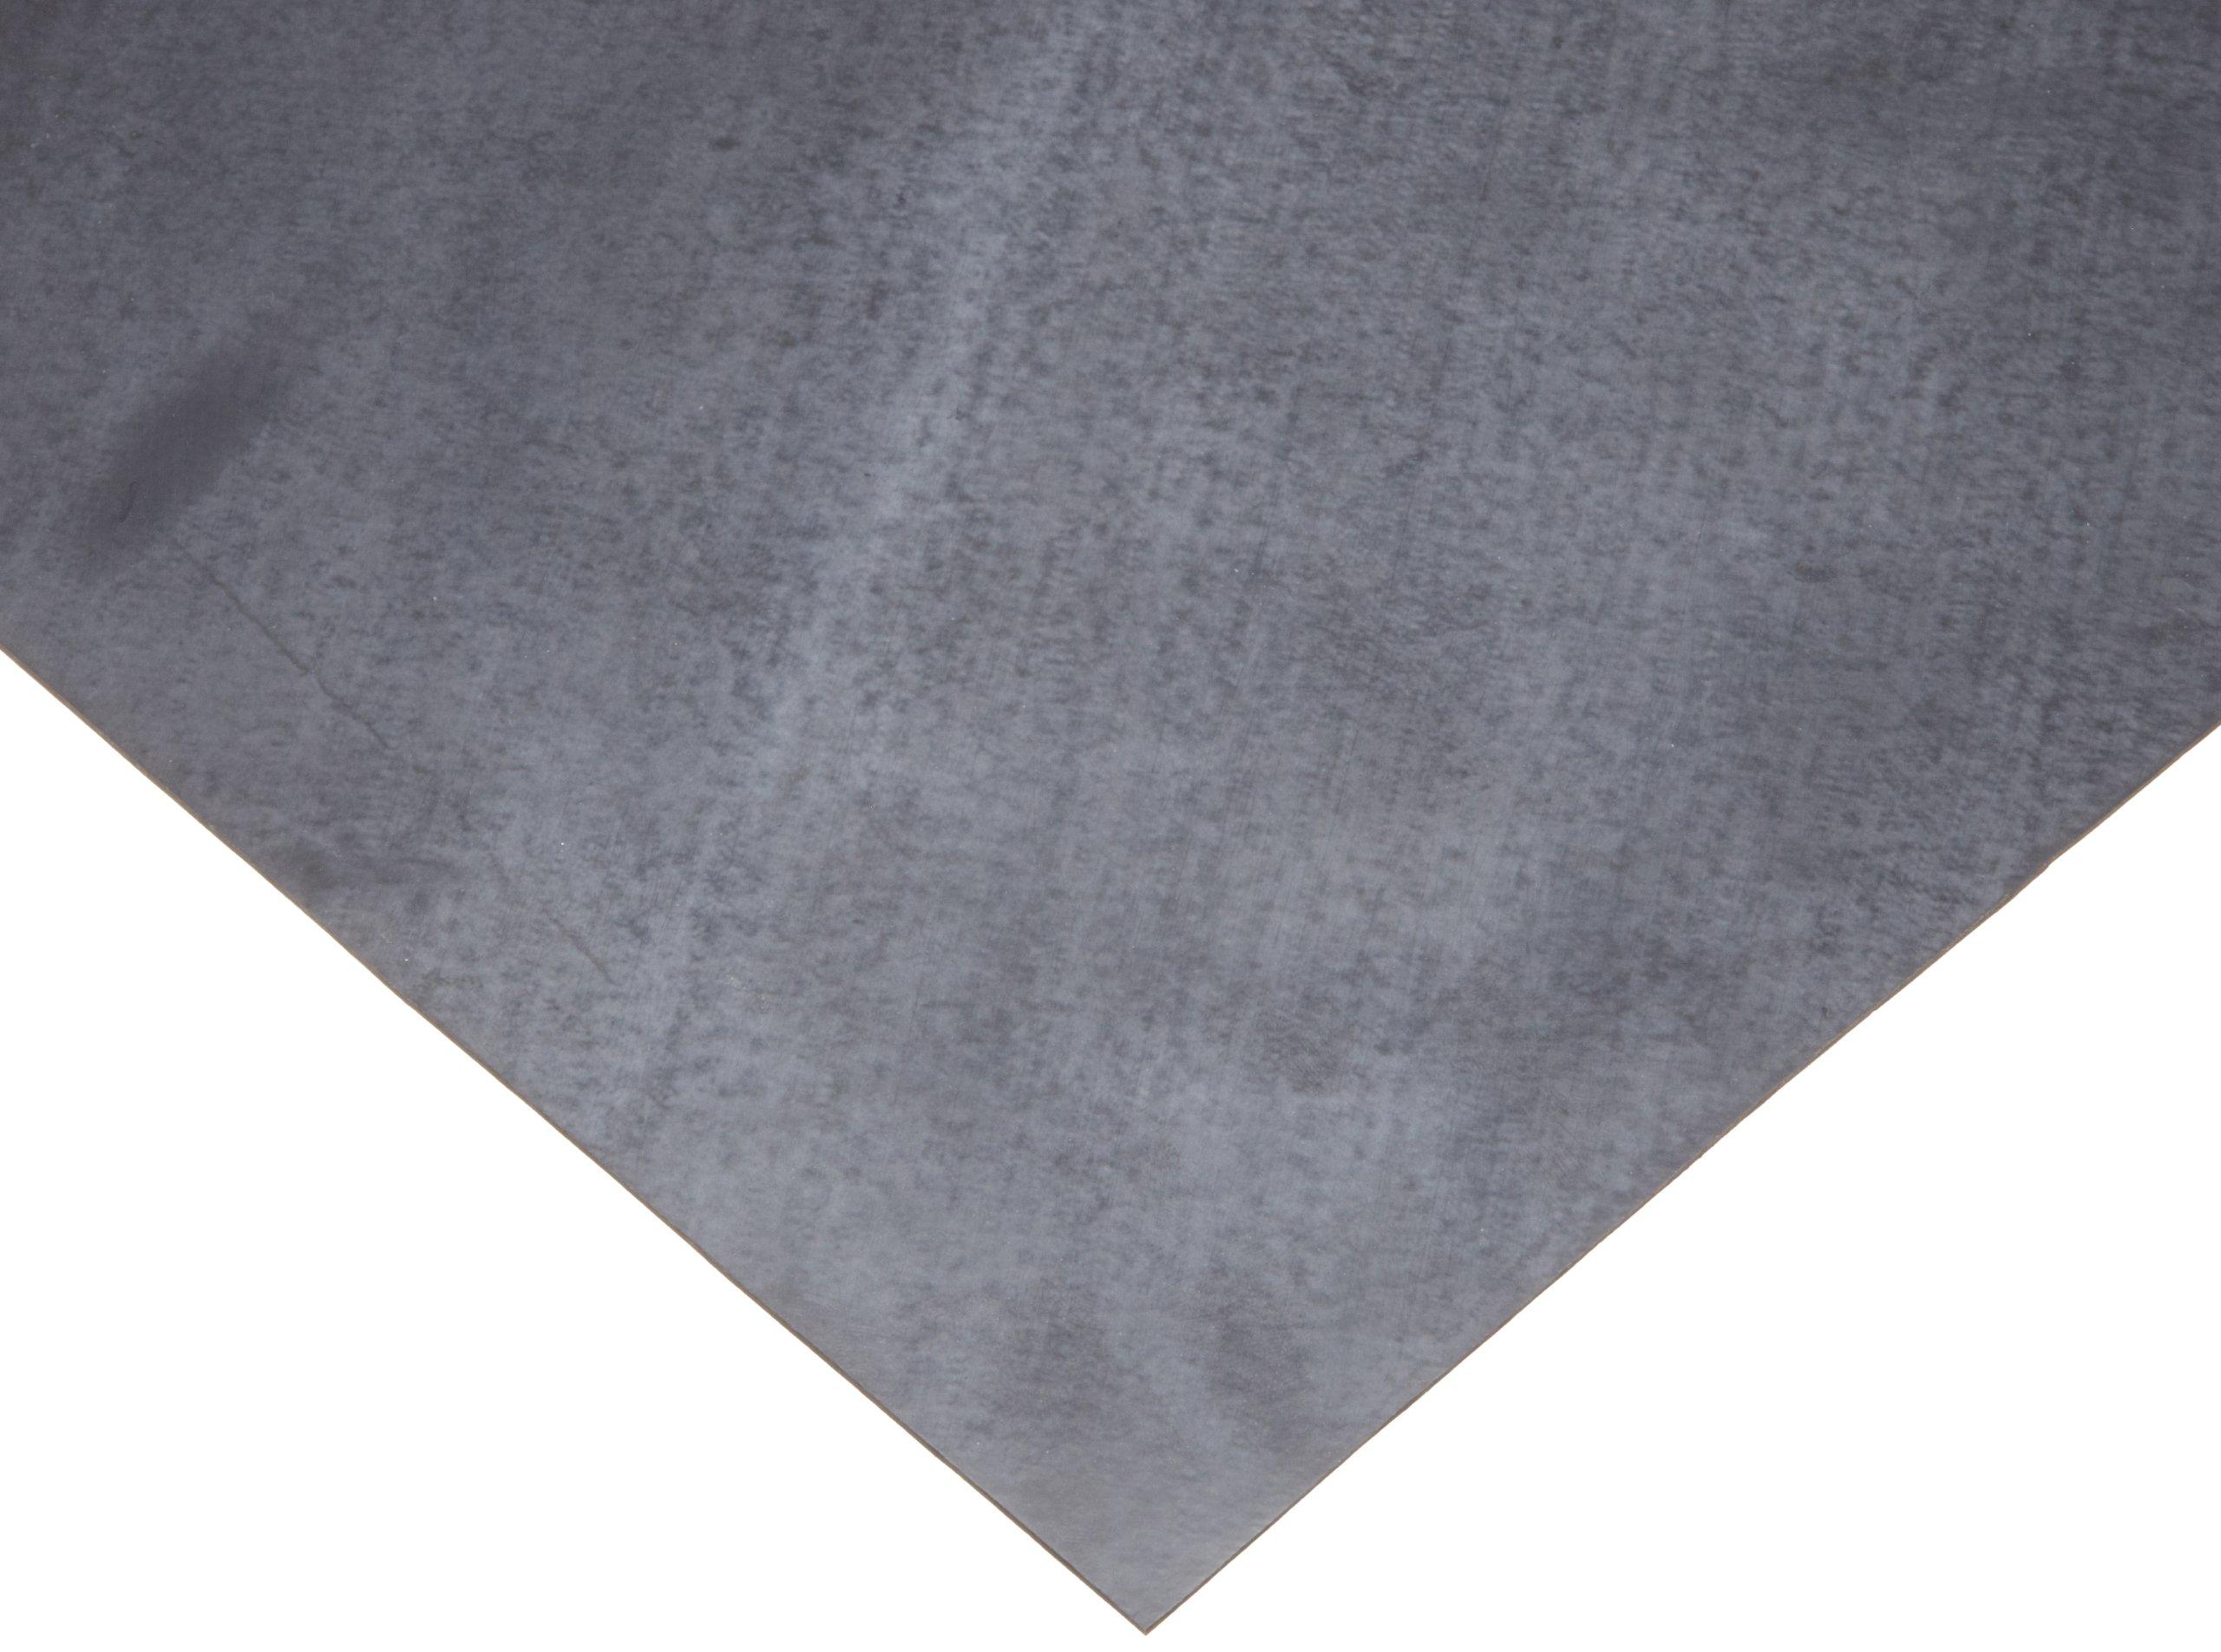 Viton Fluoroelastomer Sheet Gasket, Black, 1/8'' Thick, 12'' × 12'' (Pack of 1)